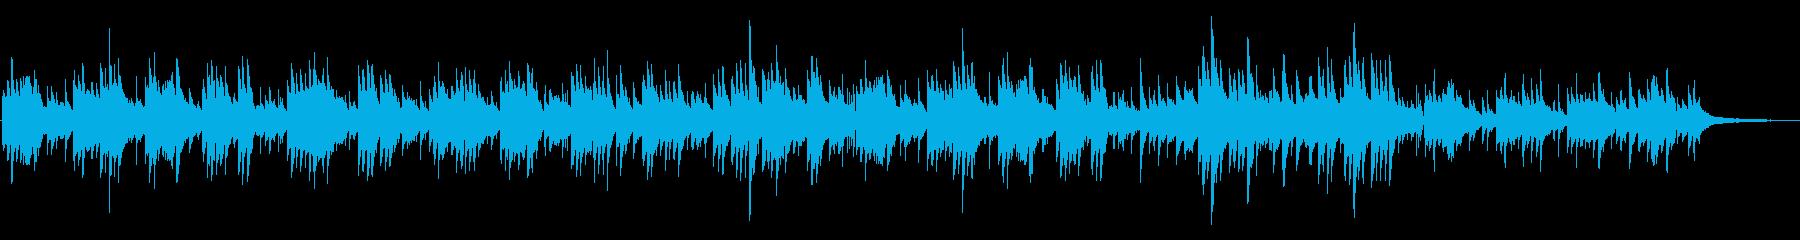 爽やかで軽快な ピアノ・ポップスの再生済みの波形